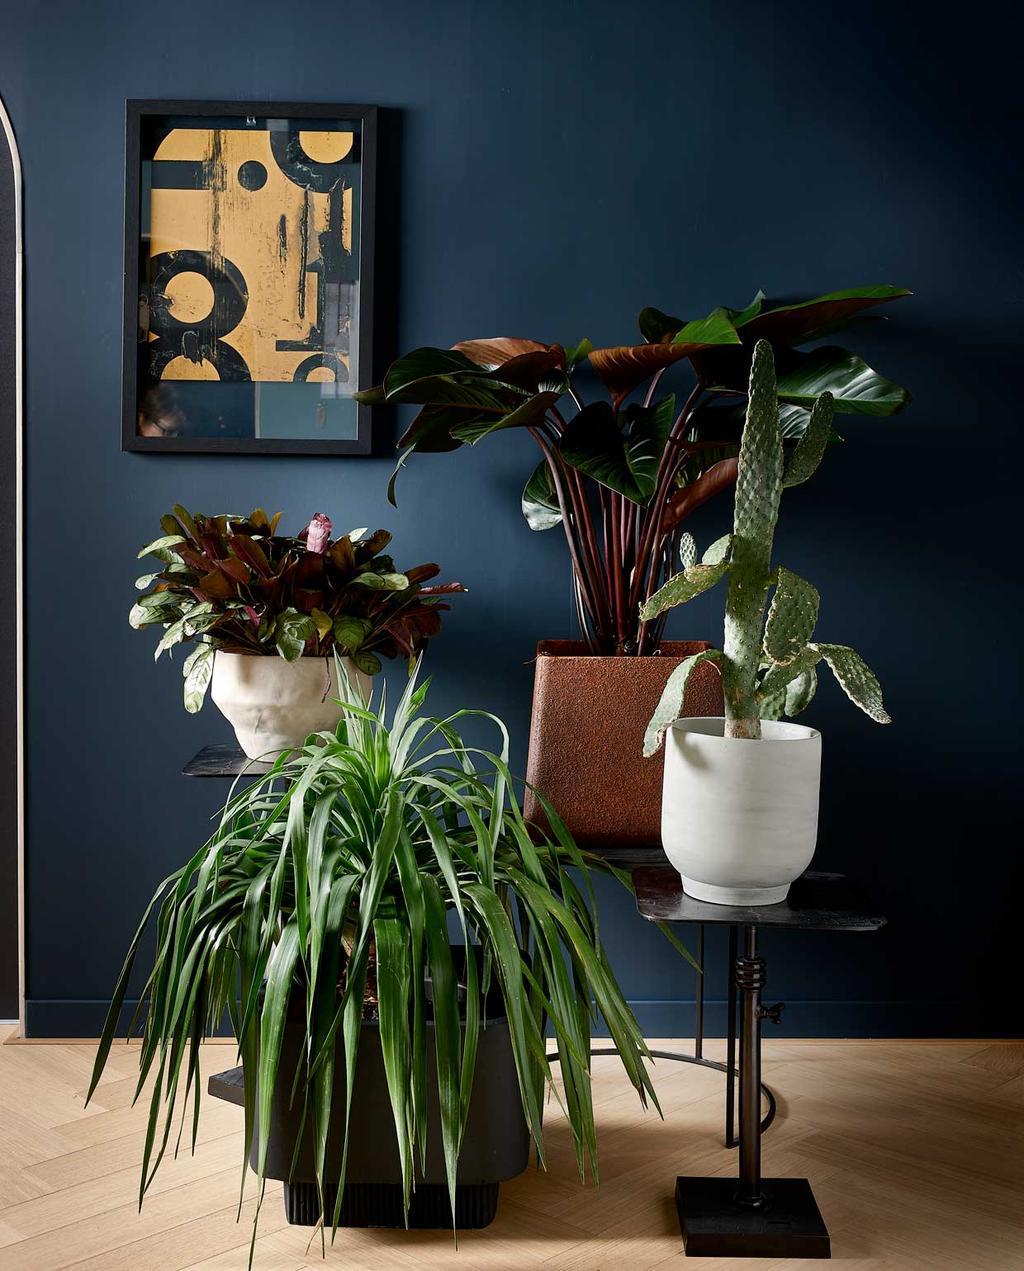 kamerplant | groenstyling | blauwe muur | calathea | plantentafel | kamerplanten met gekleurd blad